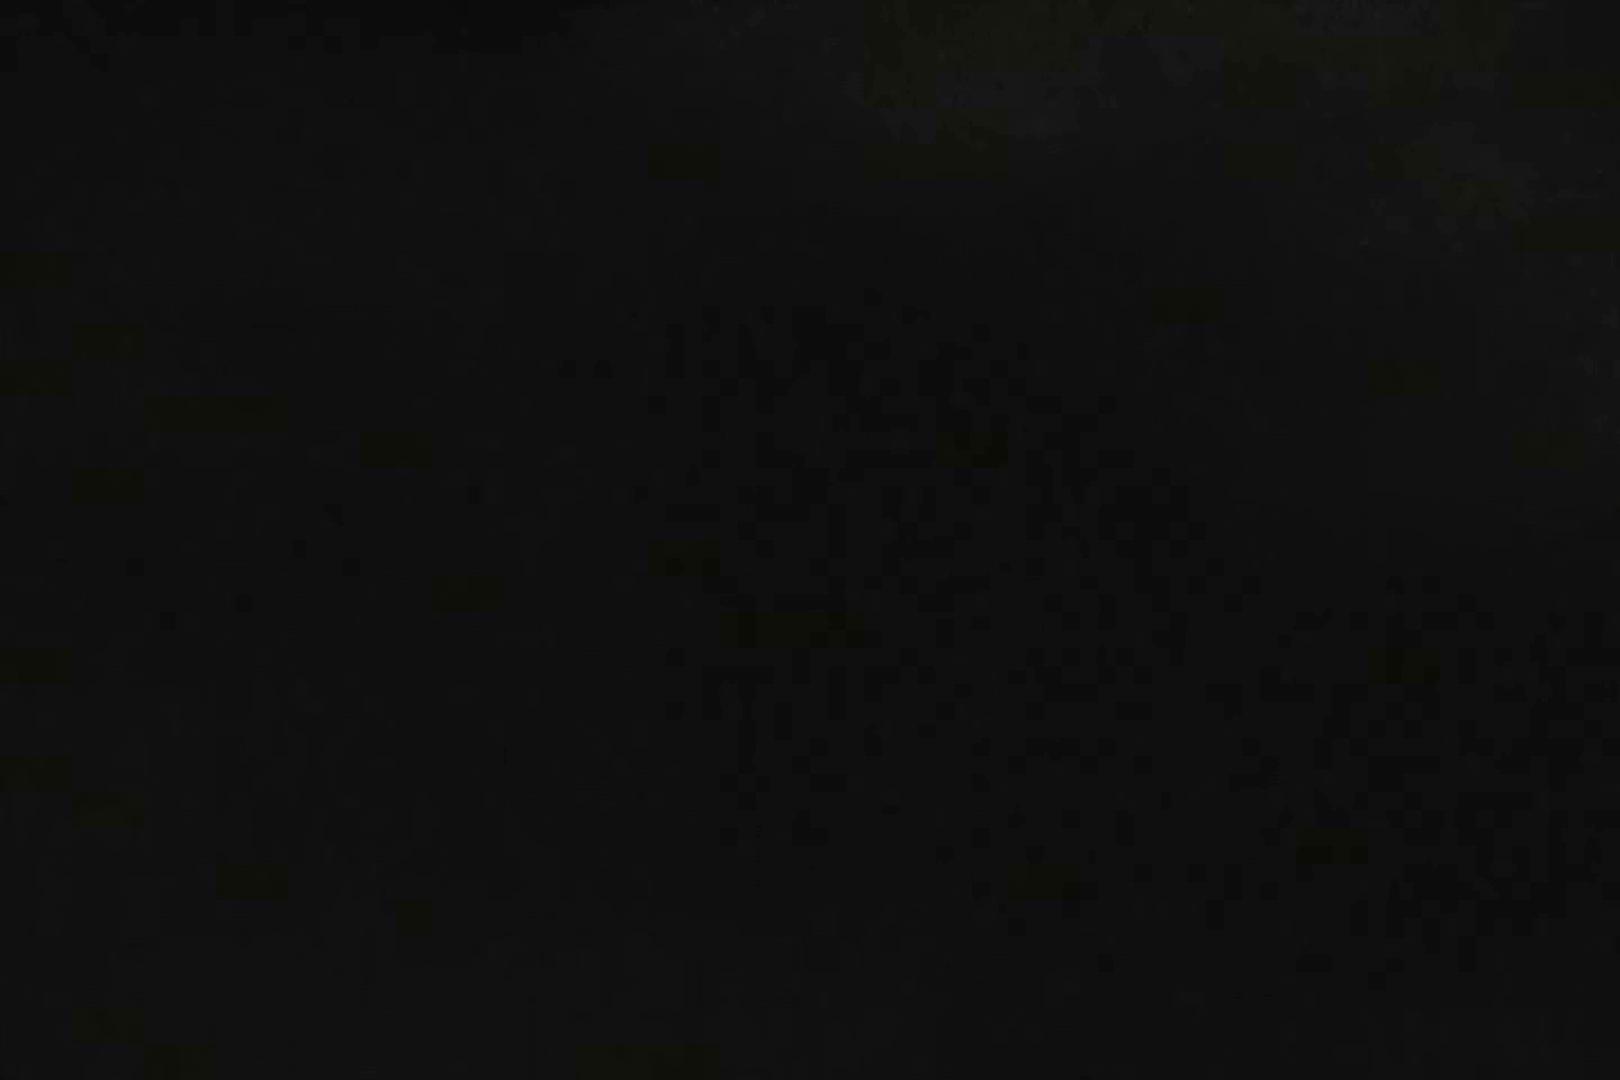 流出!極太の悪戯ウォッチング!前編 悪戯特集 | 手淫 ゲイ無料エロ画像 92枚 26